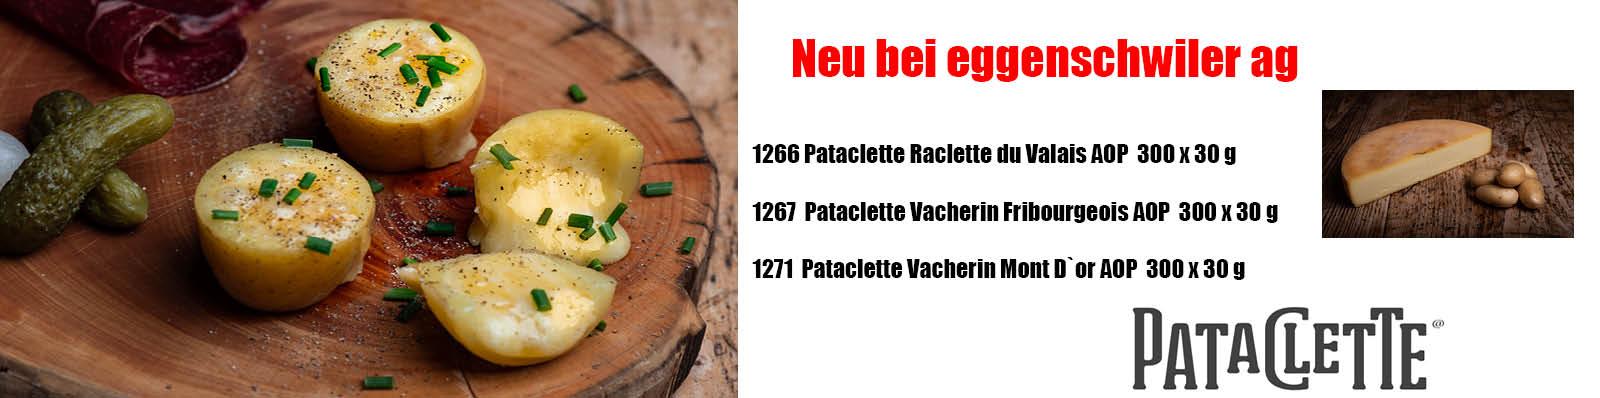 Pataclette_neu